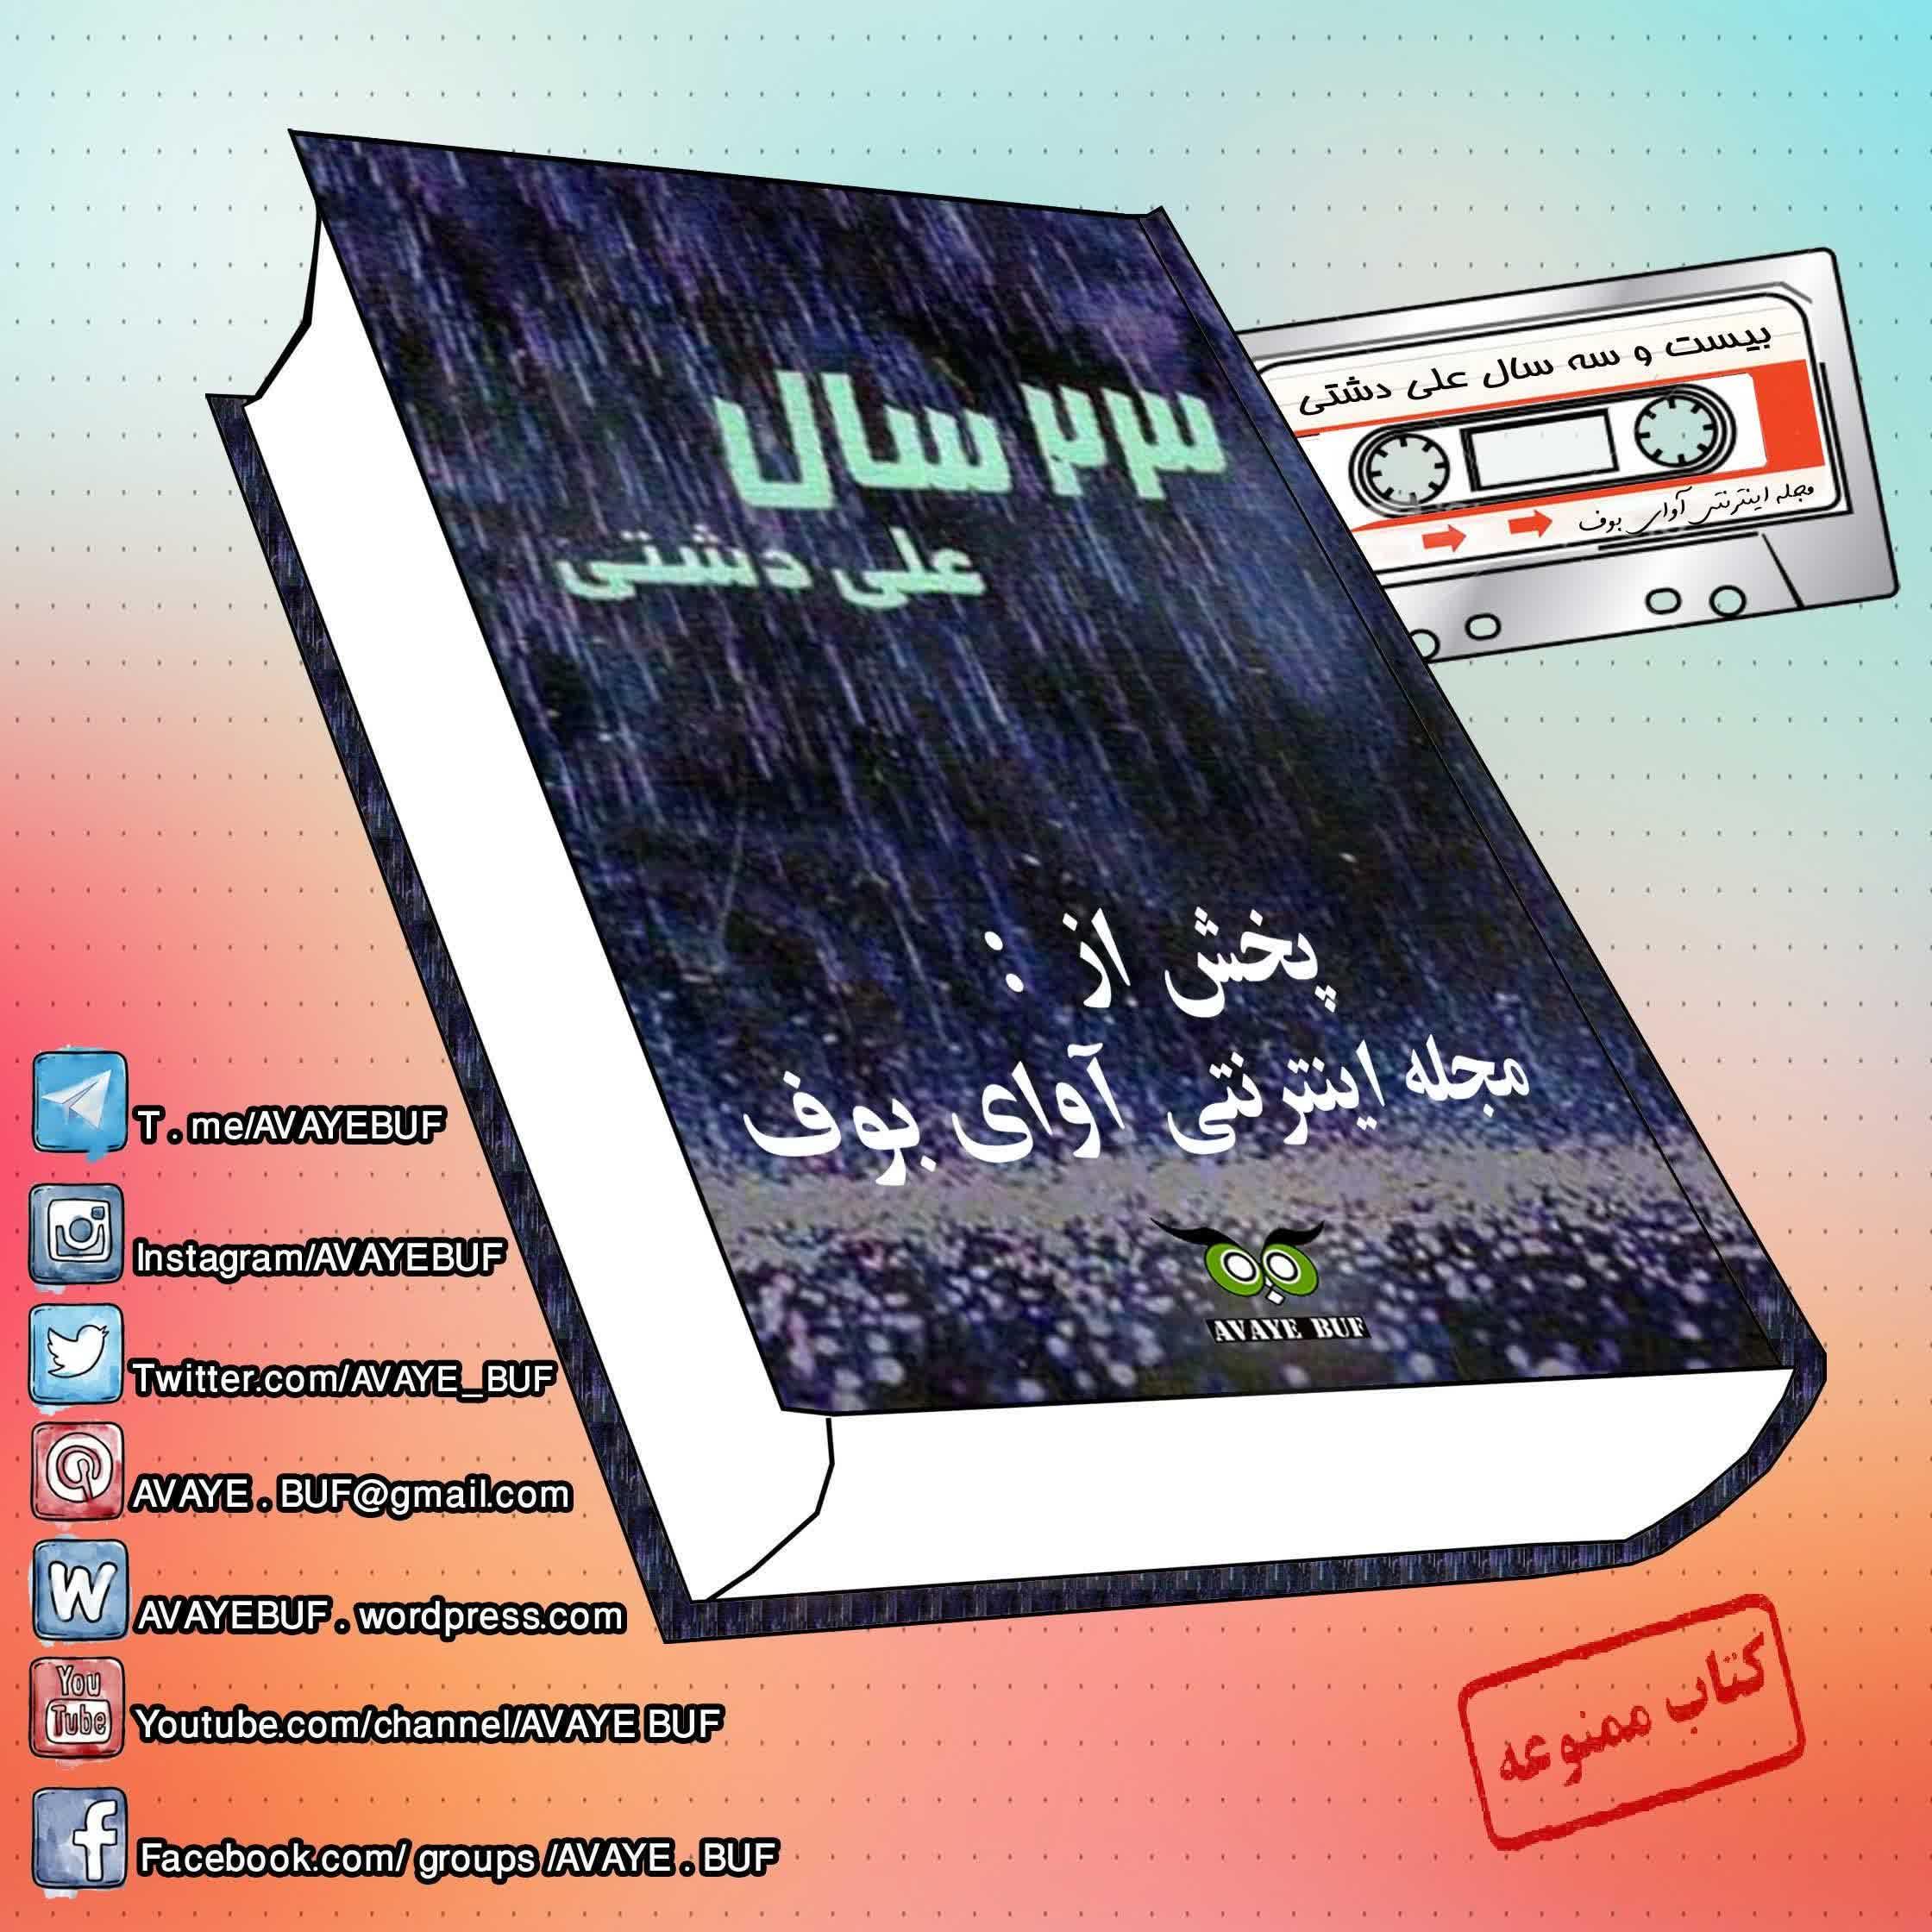 کتاب ممنوعه صوتی ۲۳ سال   اثر علی دشتی      آوای بوف